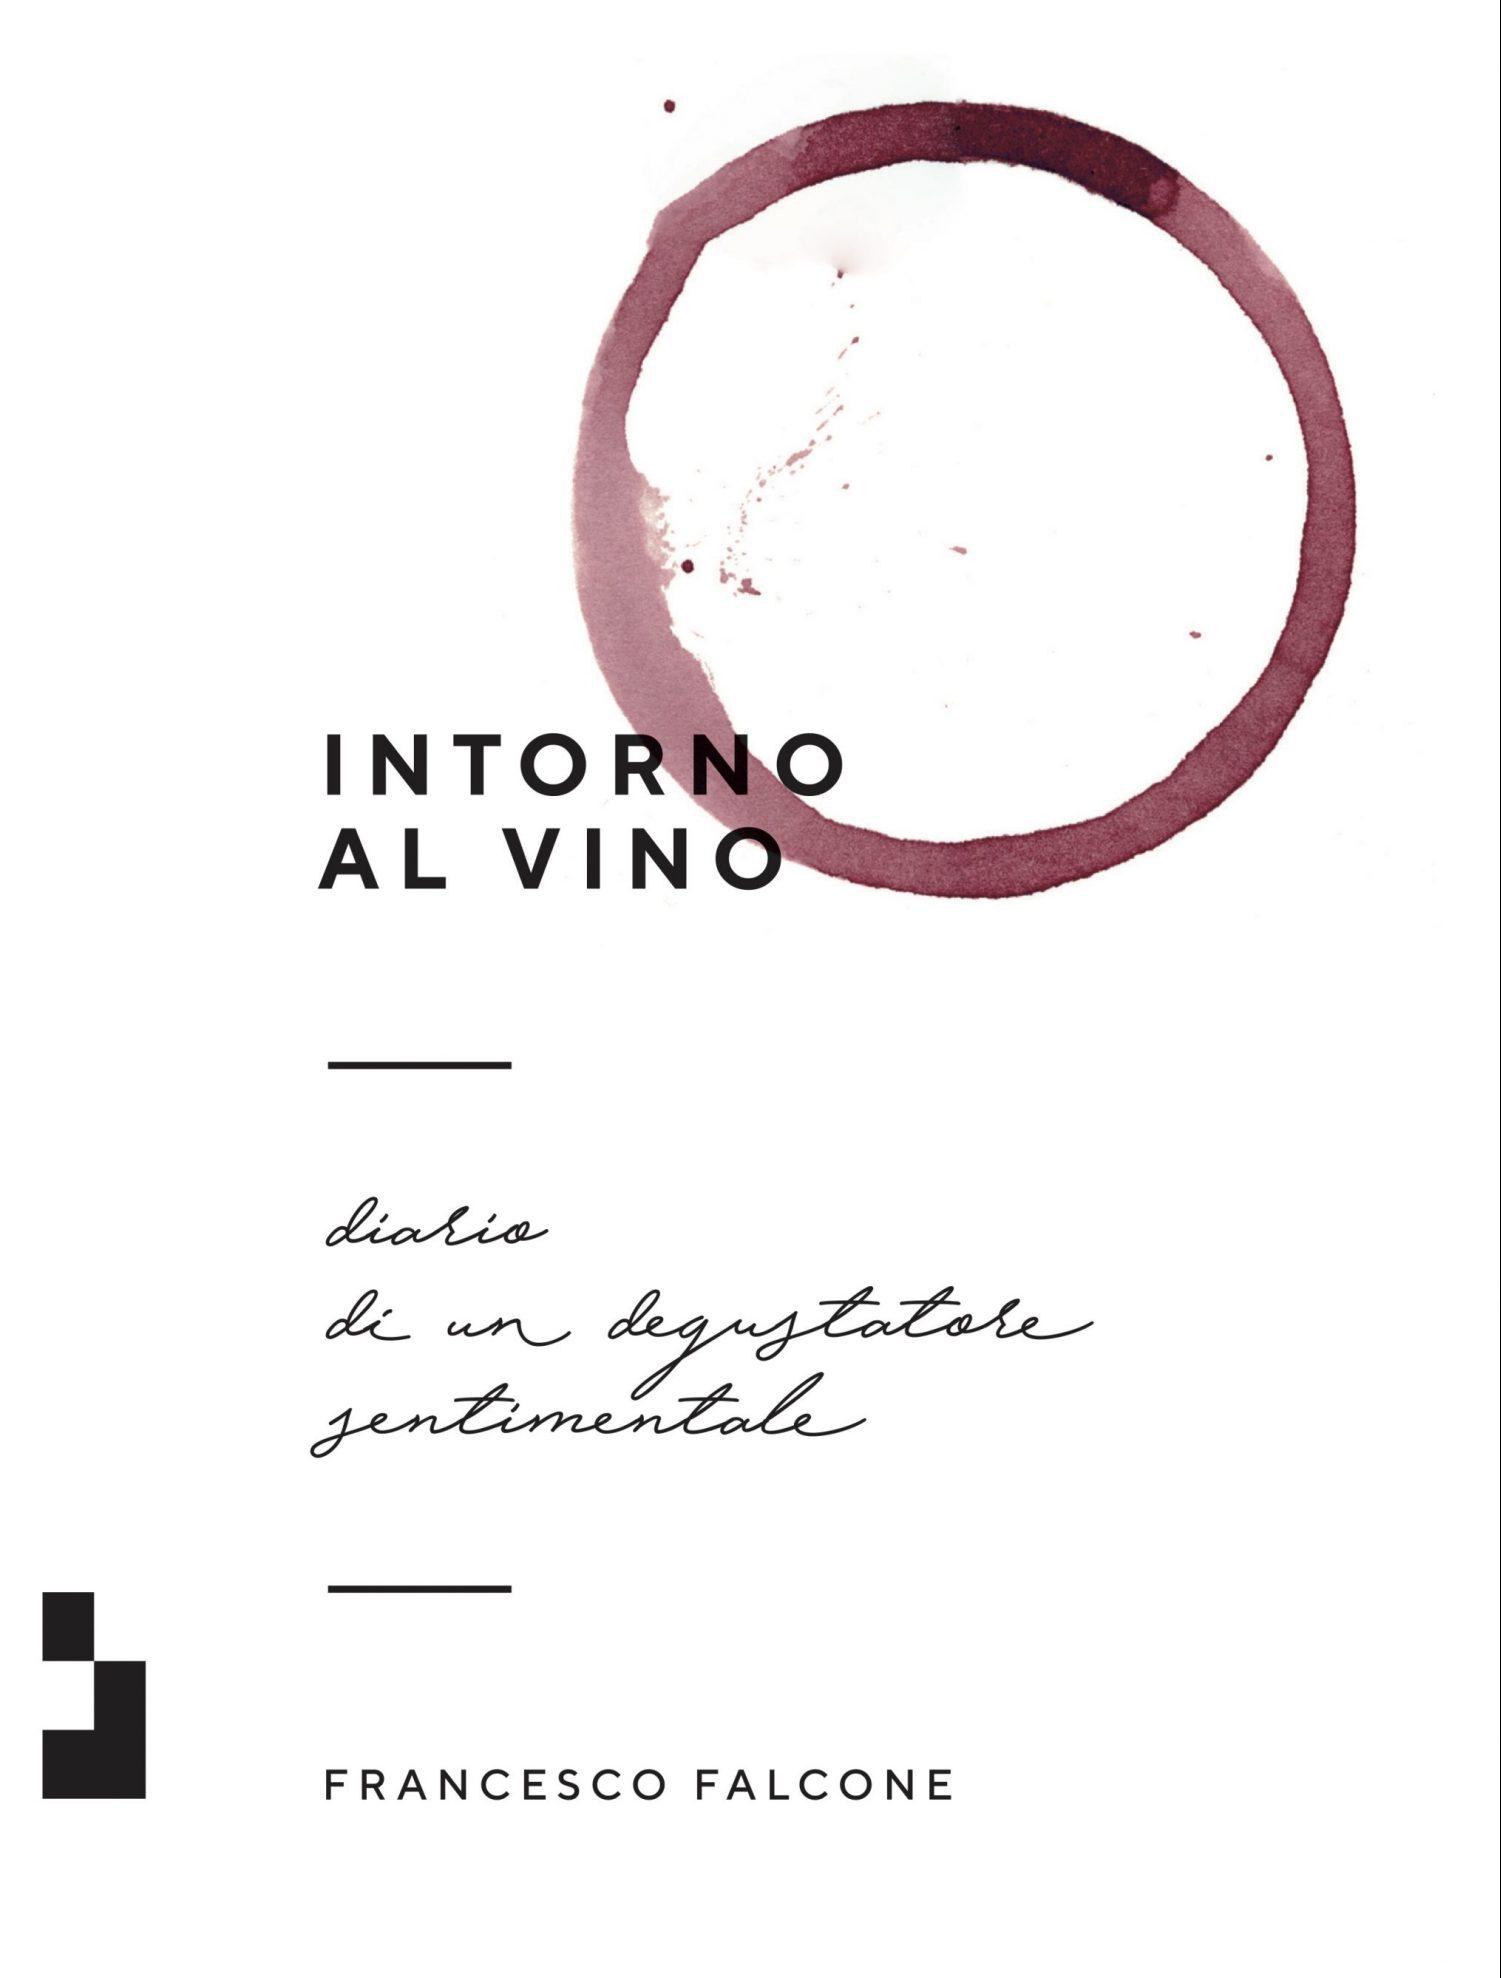 Intorno al vino